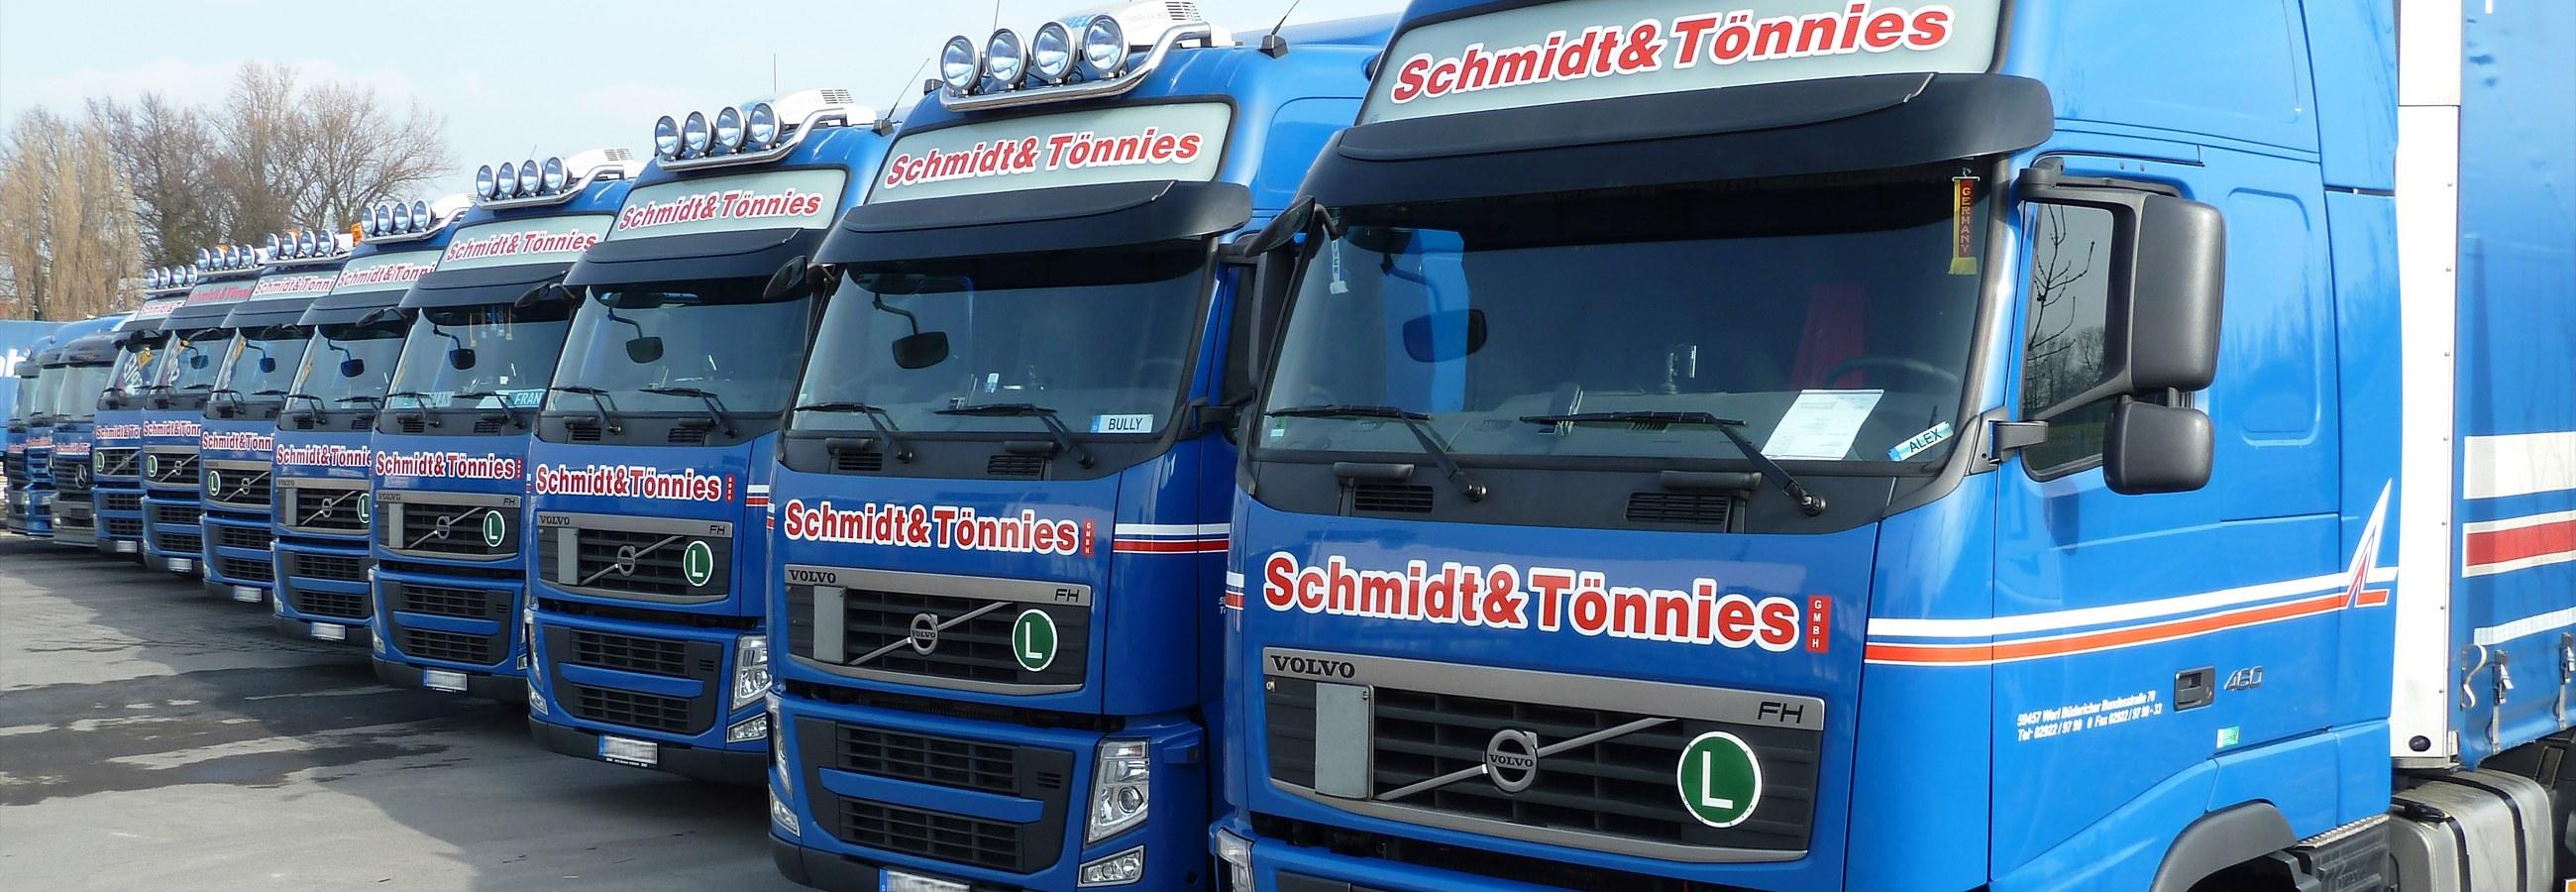 Die LKW-Flotte der Schmidt & Tönnies GmbH